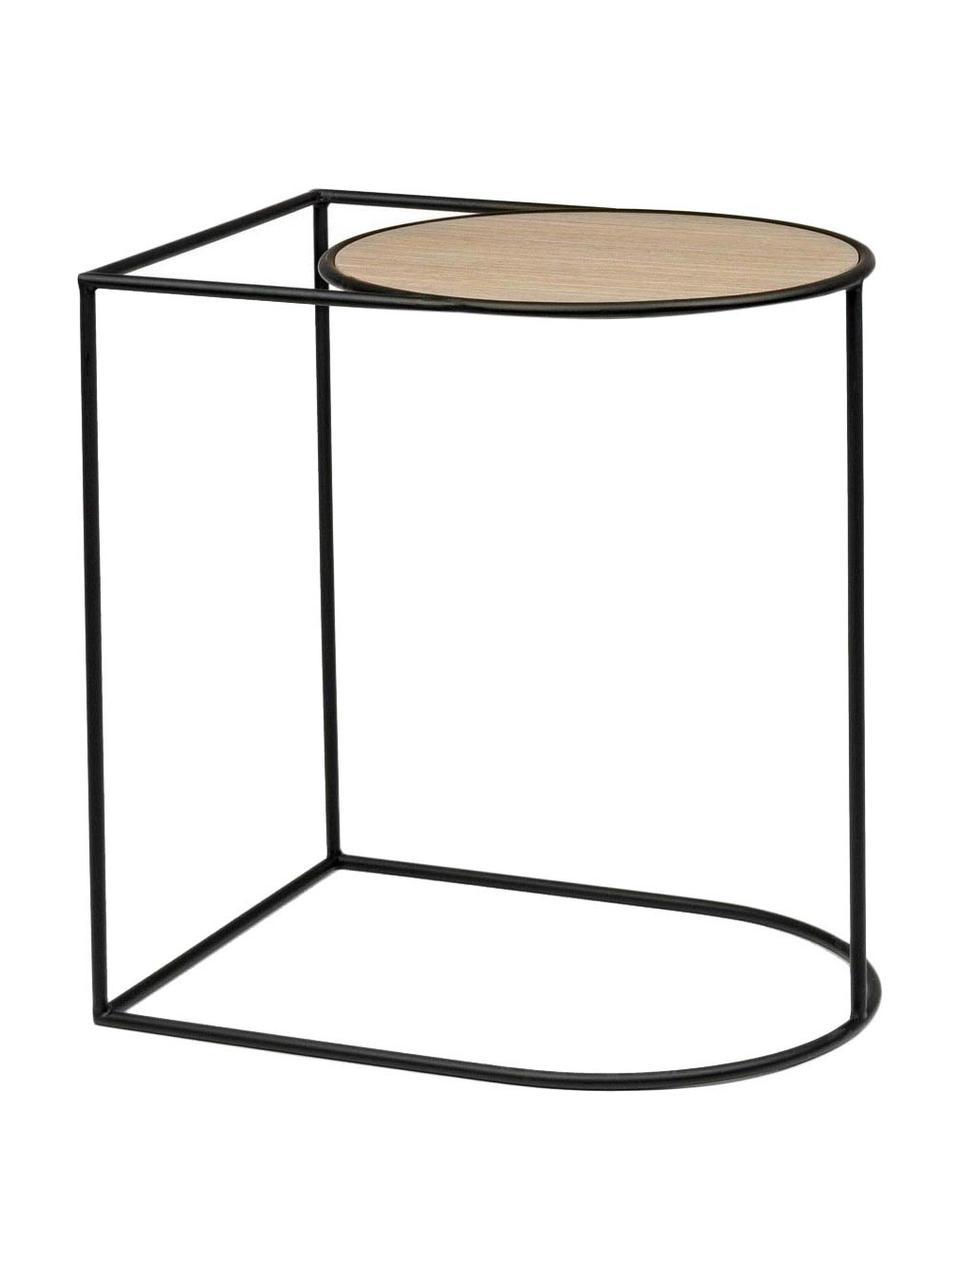 Tavolino Everitt, Marrone chiaro, nero, Larg. 45 x Prof. 35 cm